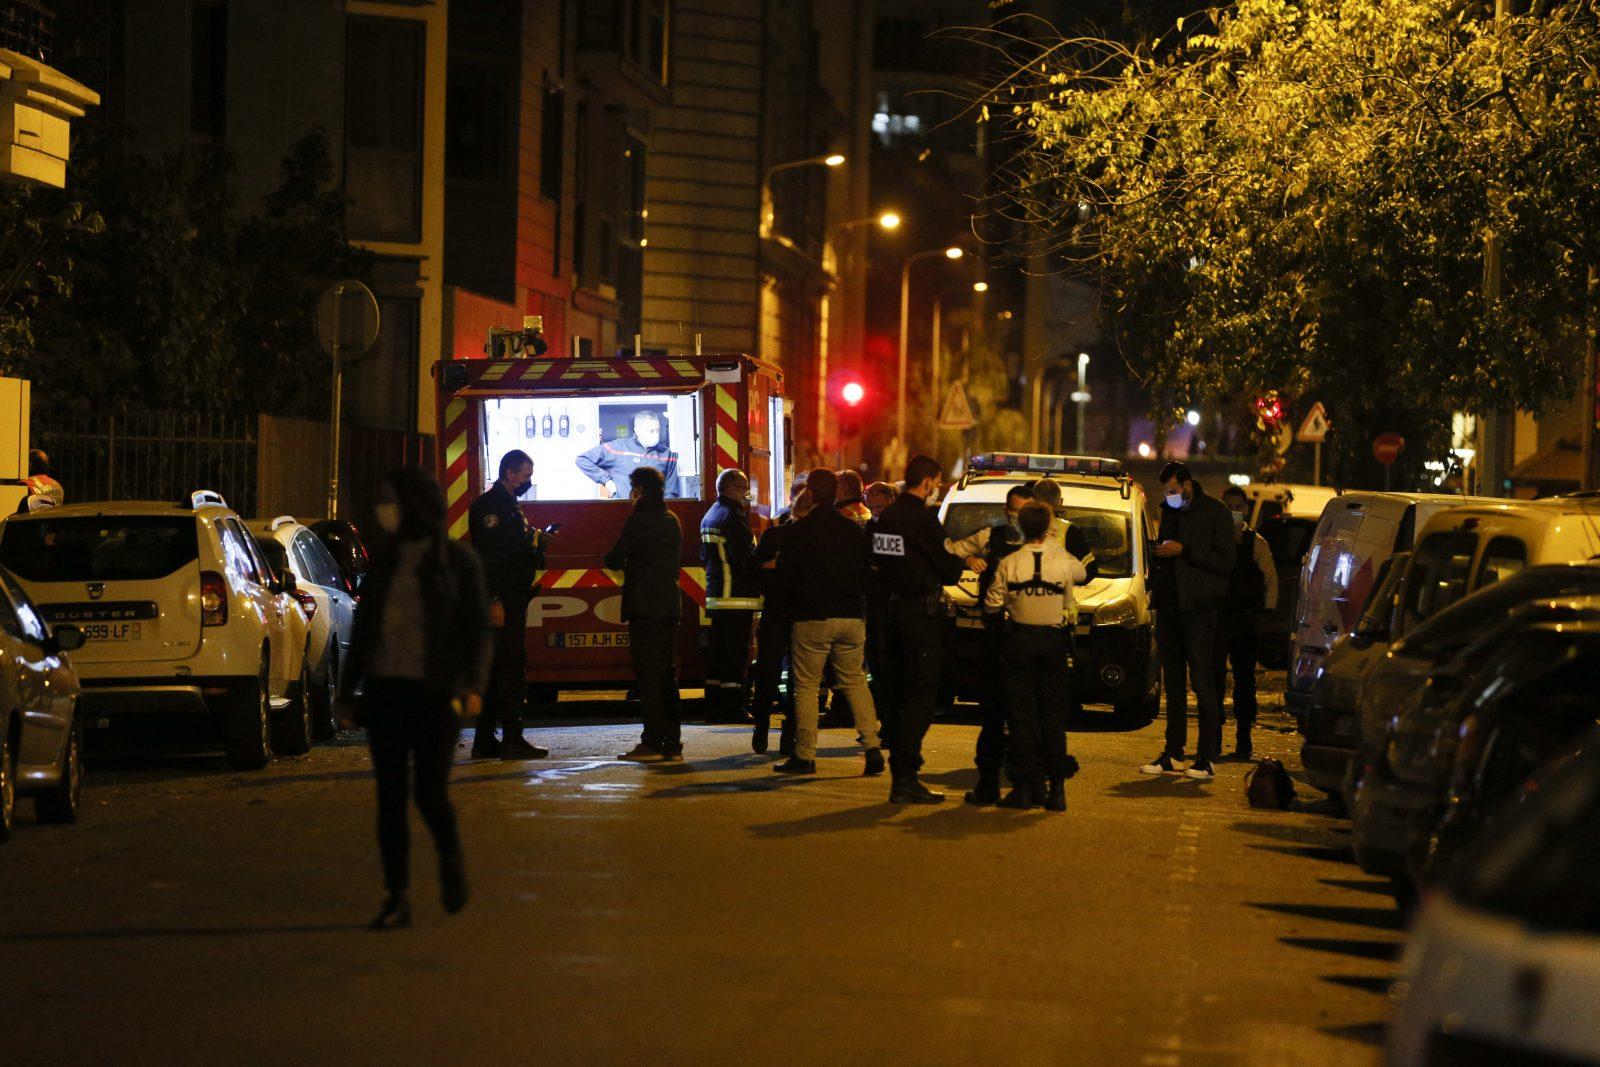 Polizisten und Rettungskräfte sind am Tatort in Lyon Foto: picture alliance / abaca